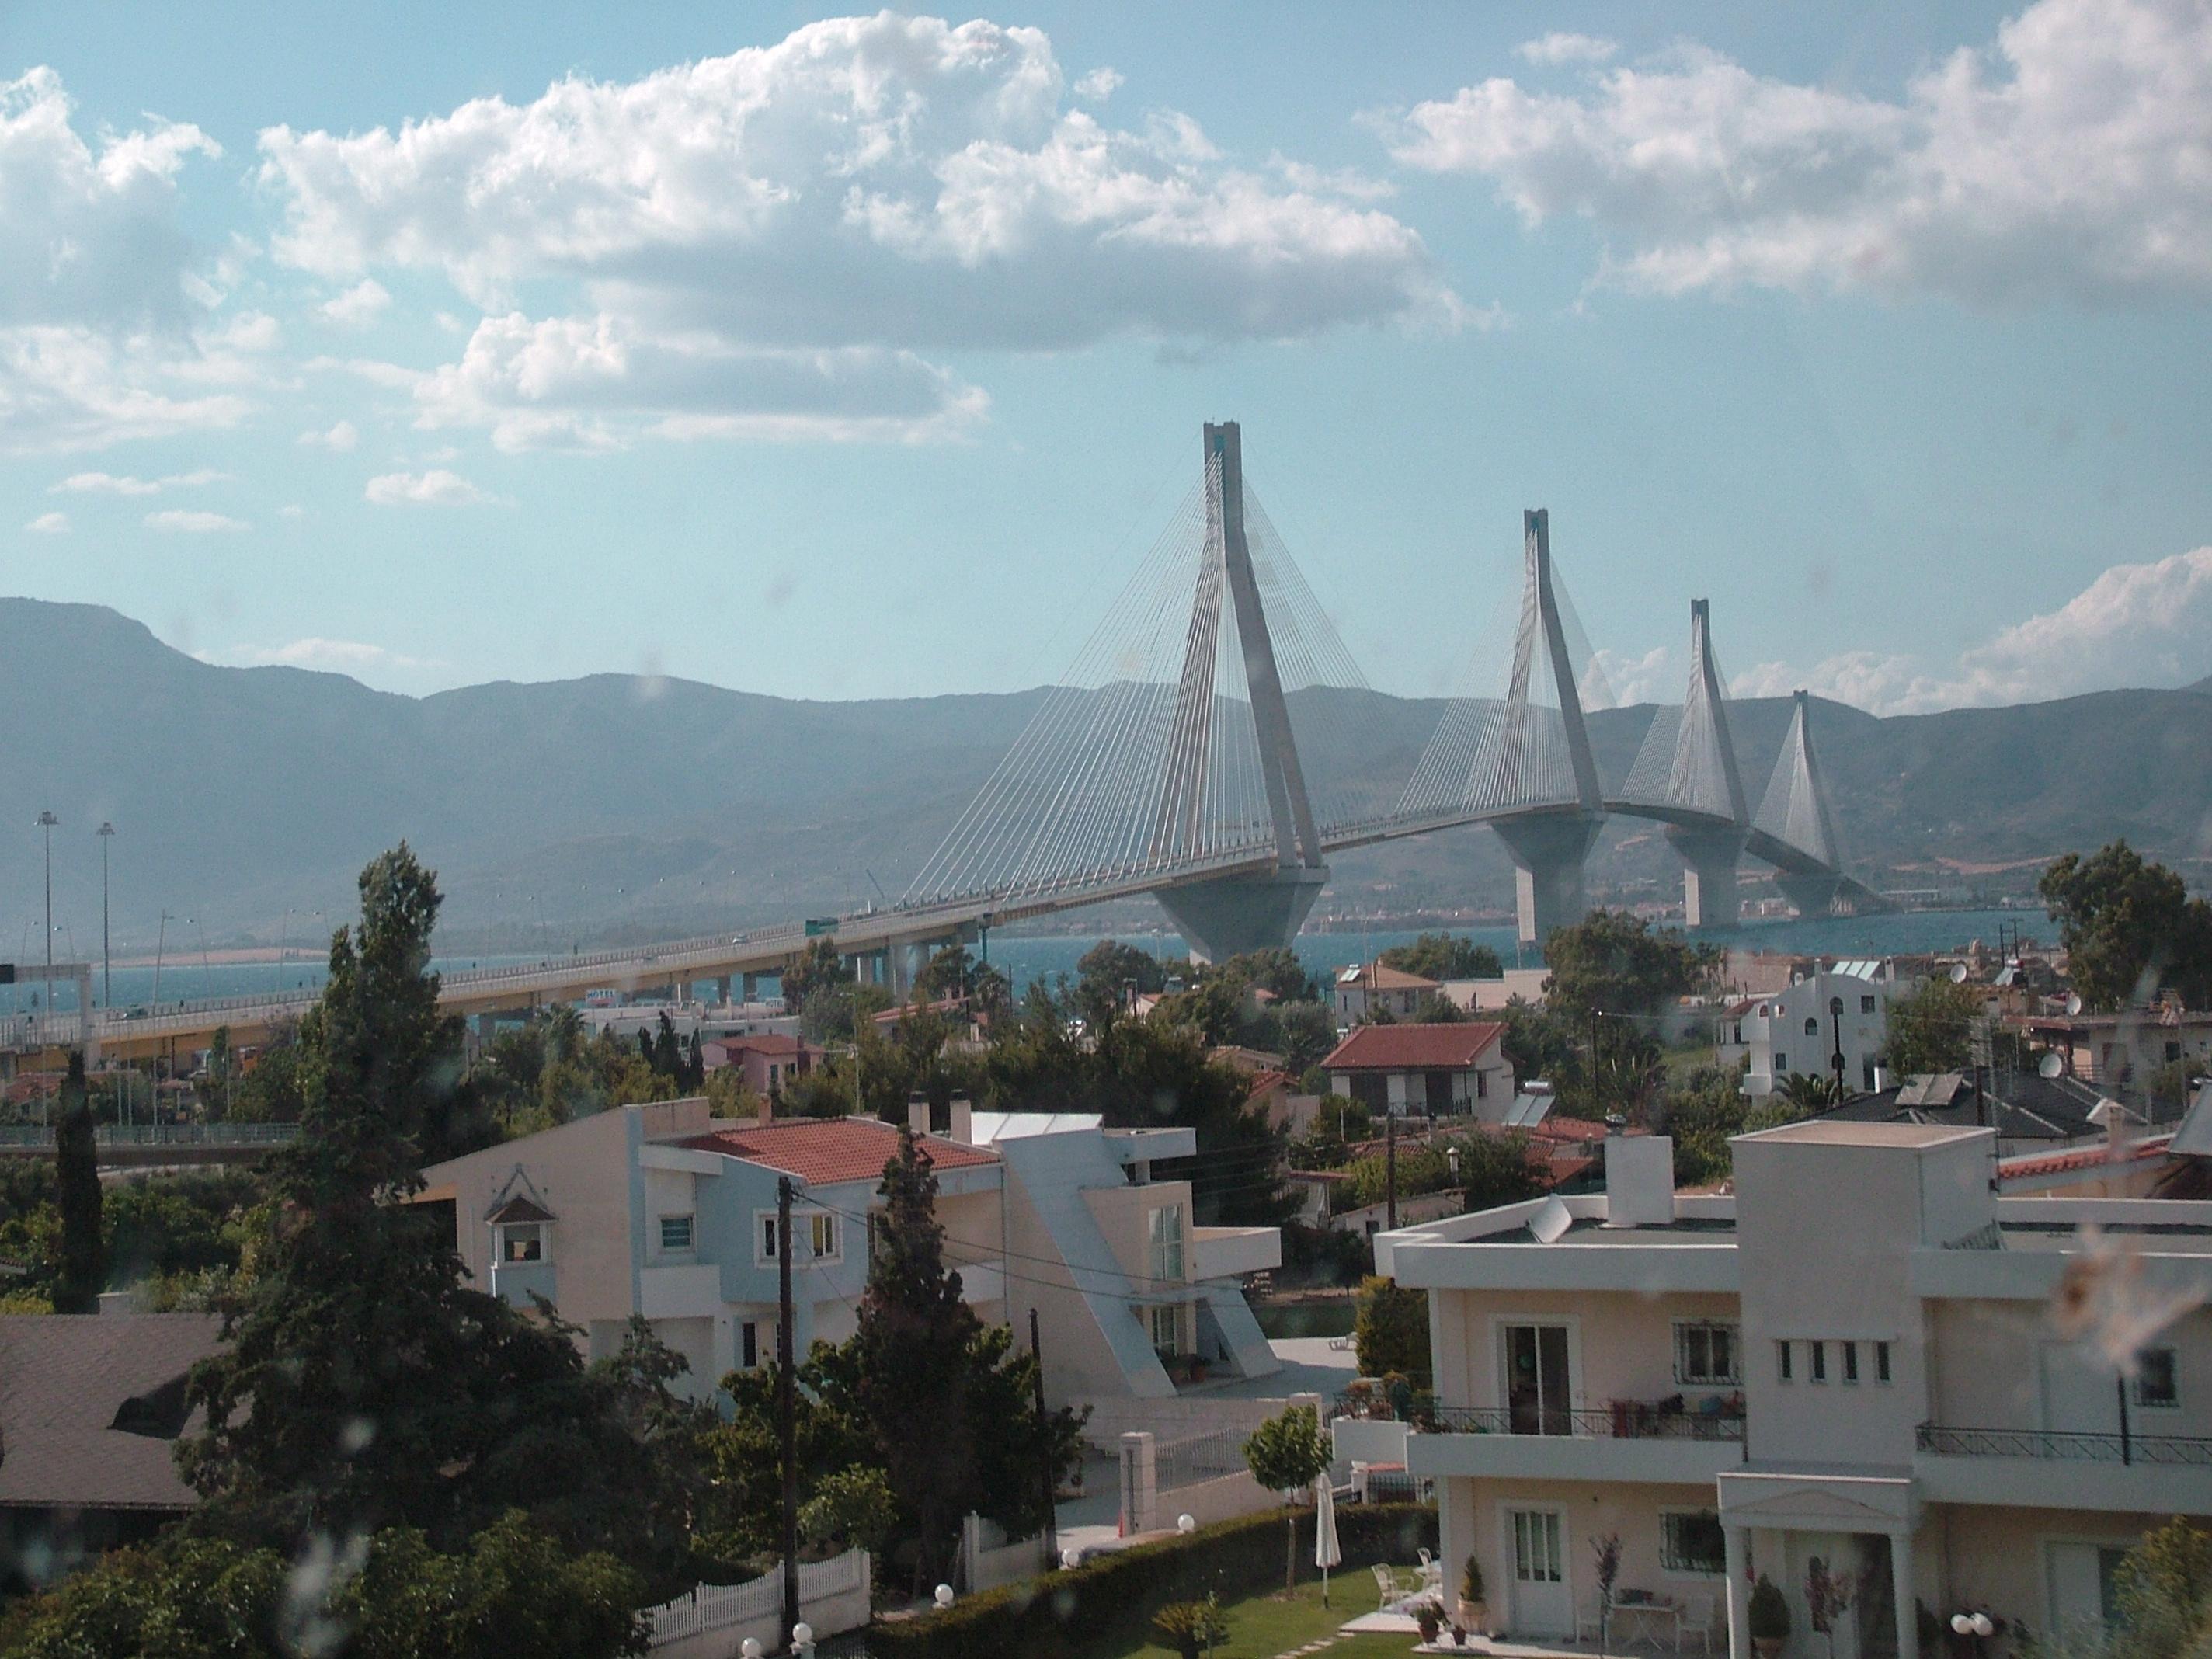 letovanje/grcka/zakyntos/picture-zaki-321.jpg